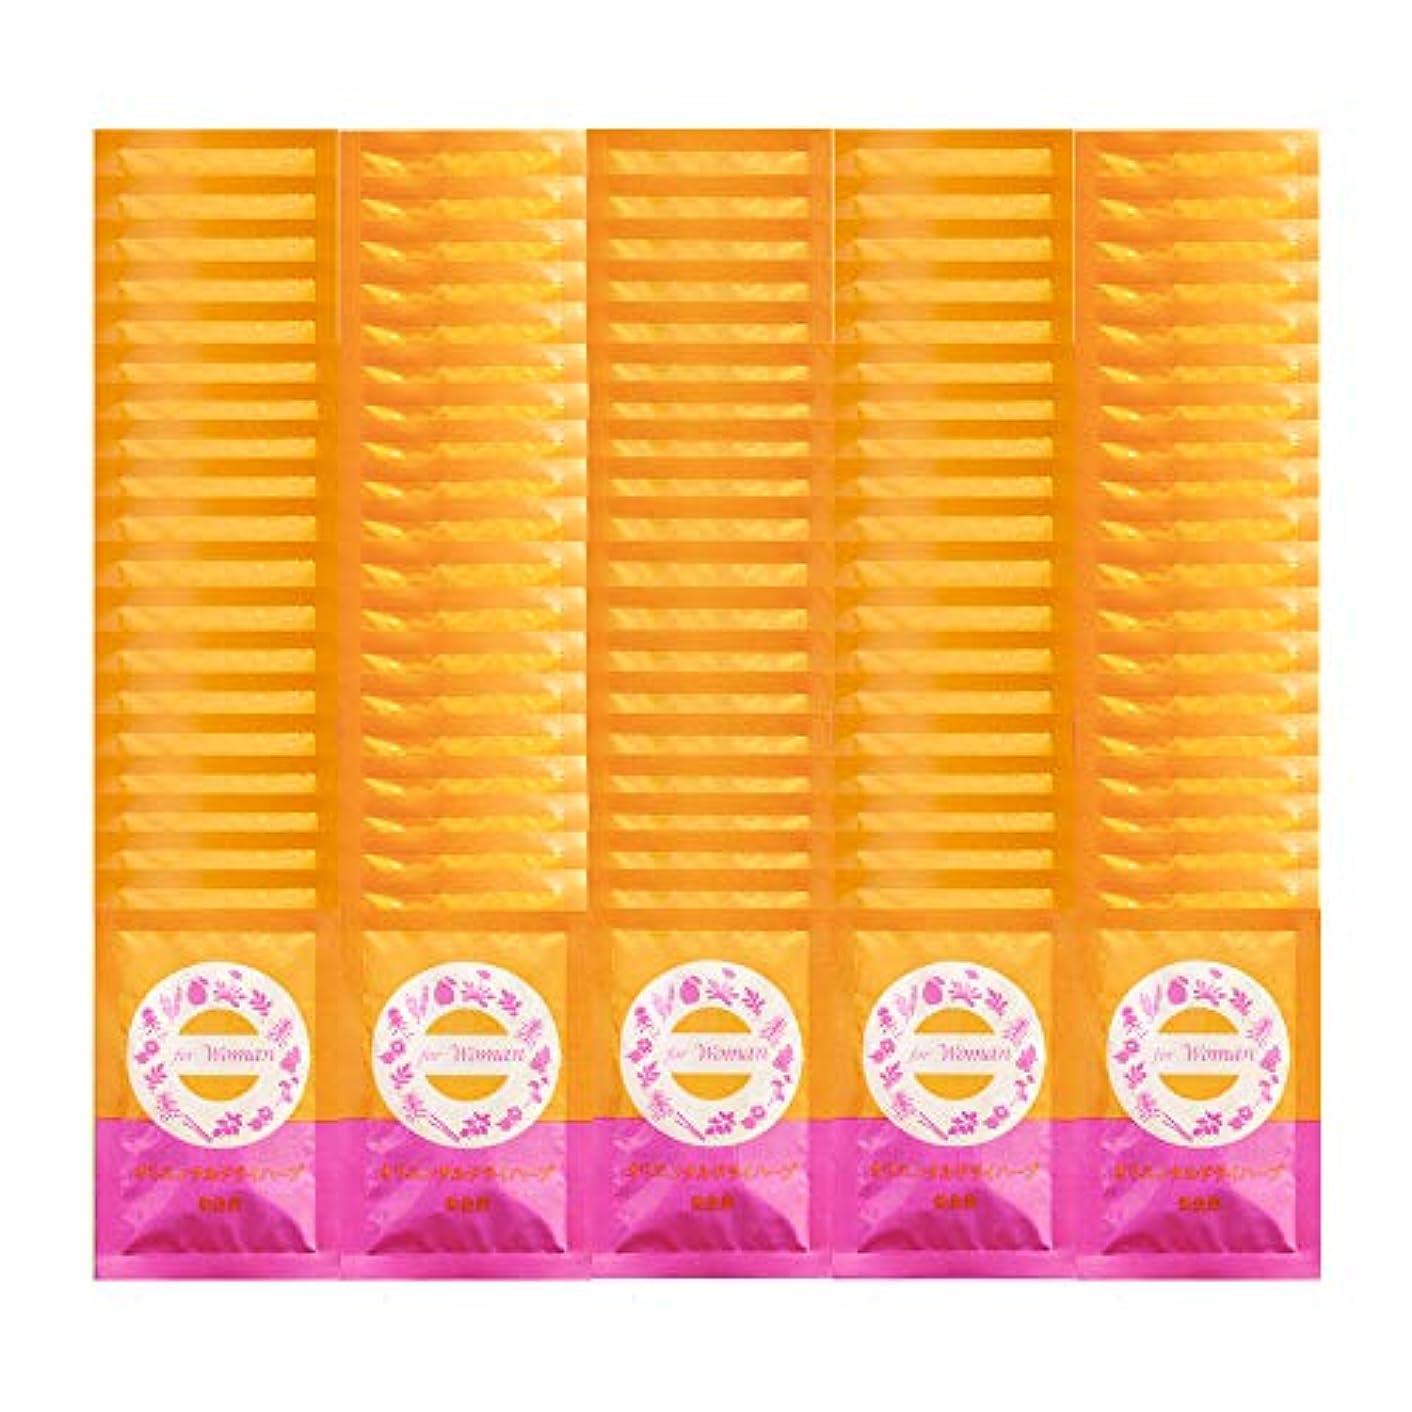 一貫性のない評価可能趣味韓方座浴剤 100包 セット ファンジン (女性用100包)